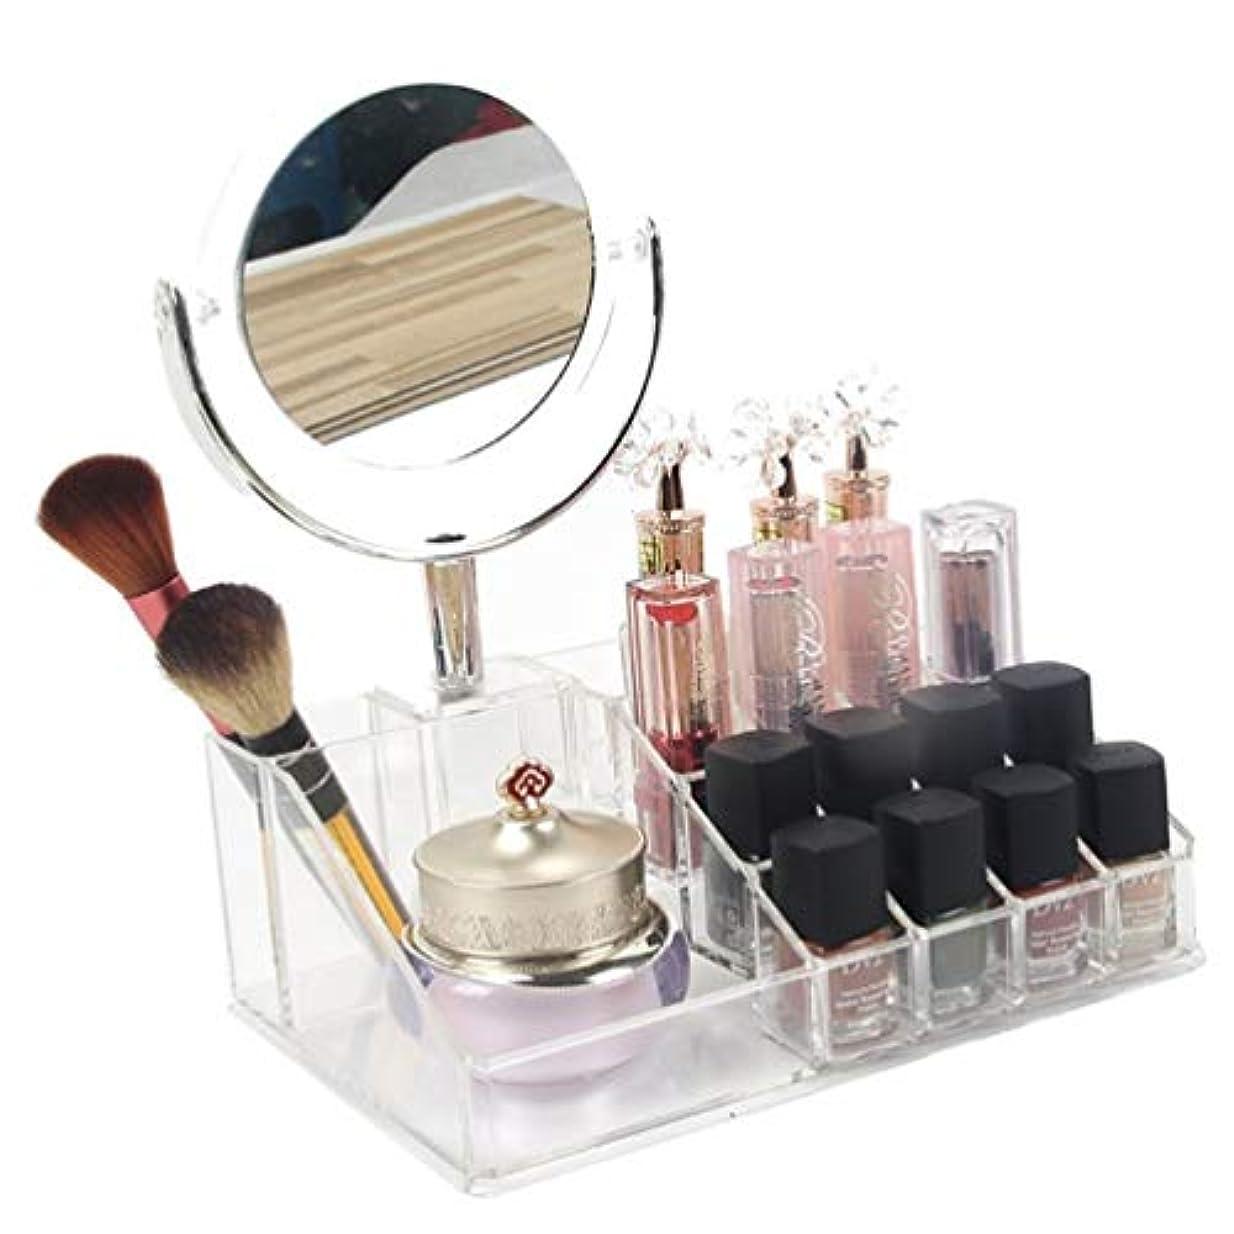 硬さみ再びAnberotta コスメボックス メイクボックス ミラー 化粧鏡付き 化粧品収納ケース 透明 メイクブラシ マニキュア マスカラ リップ グロス 小物入れ J63 (タイプA)